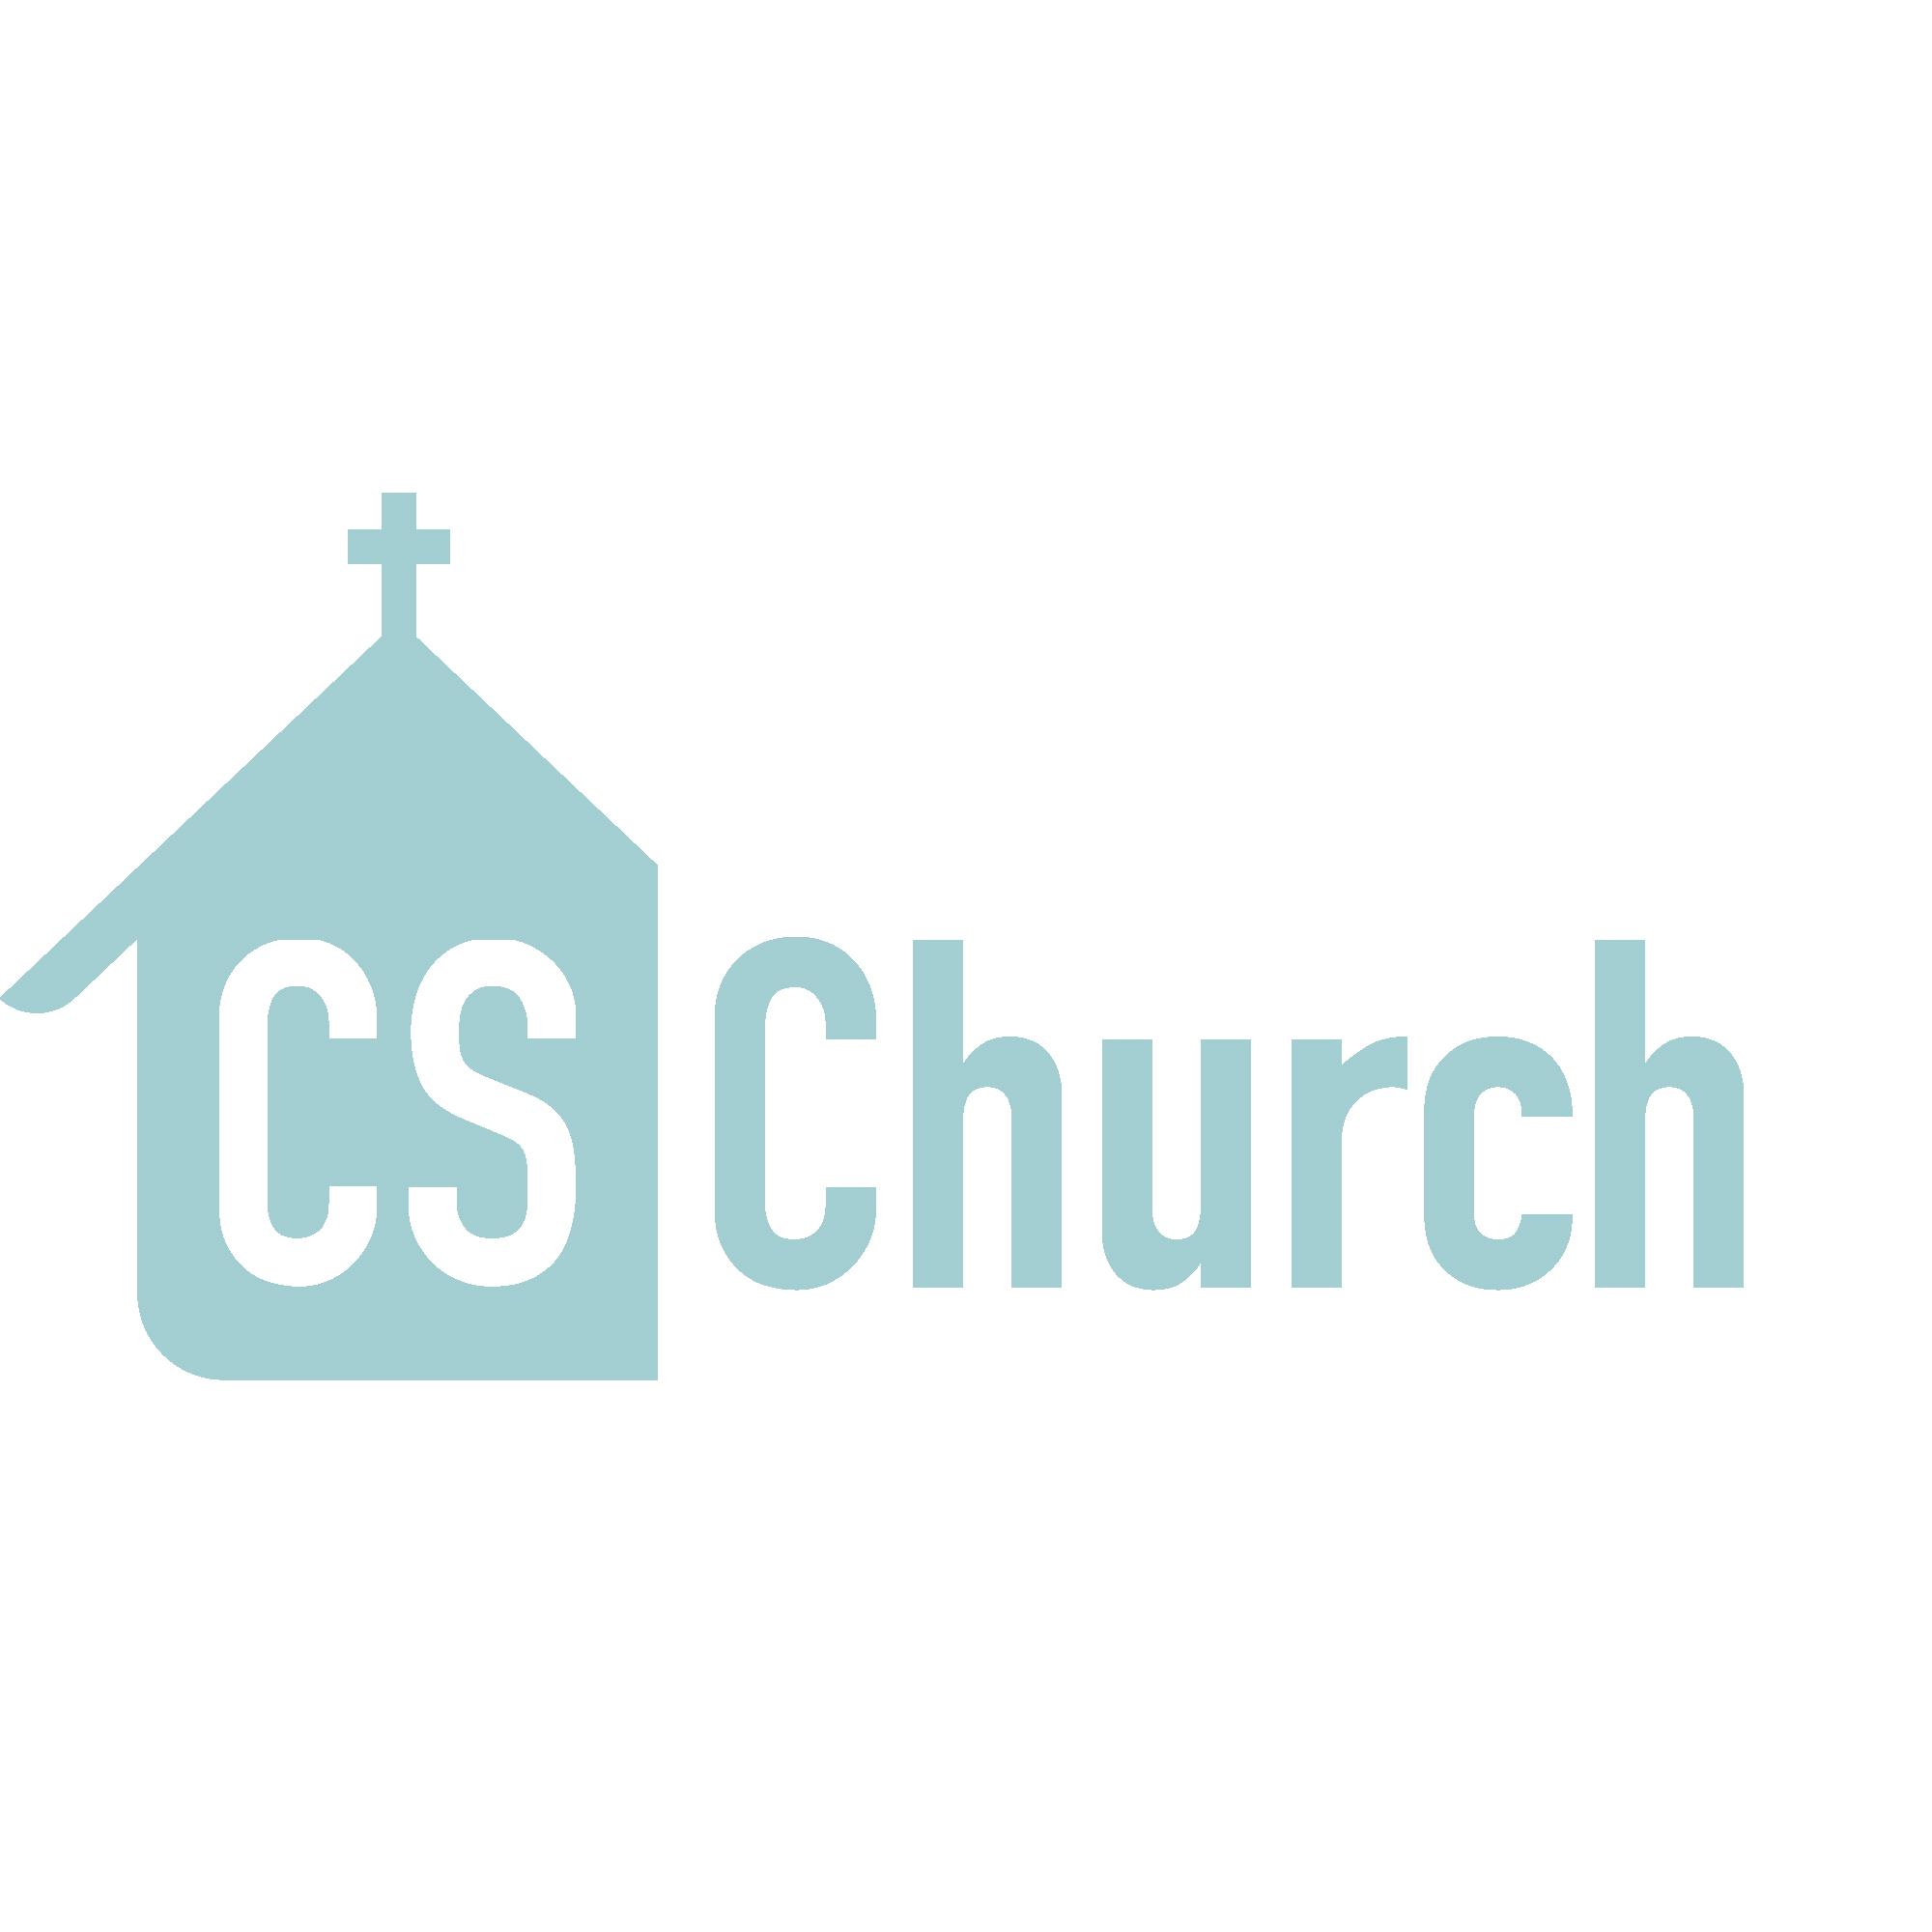 CS Church Logo - good sam.jpg